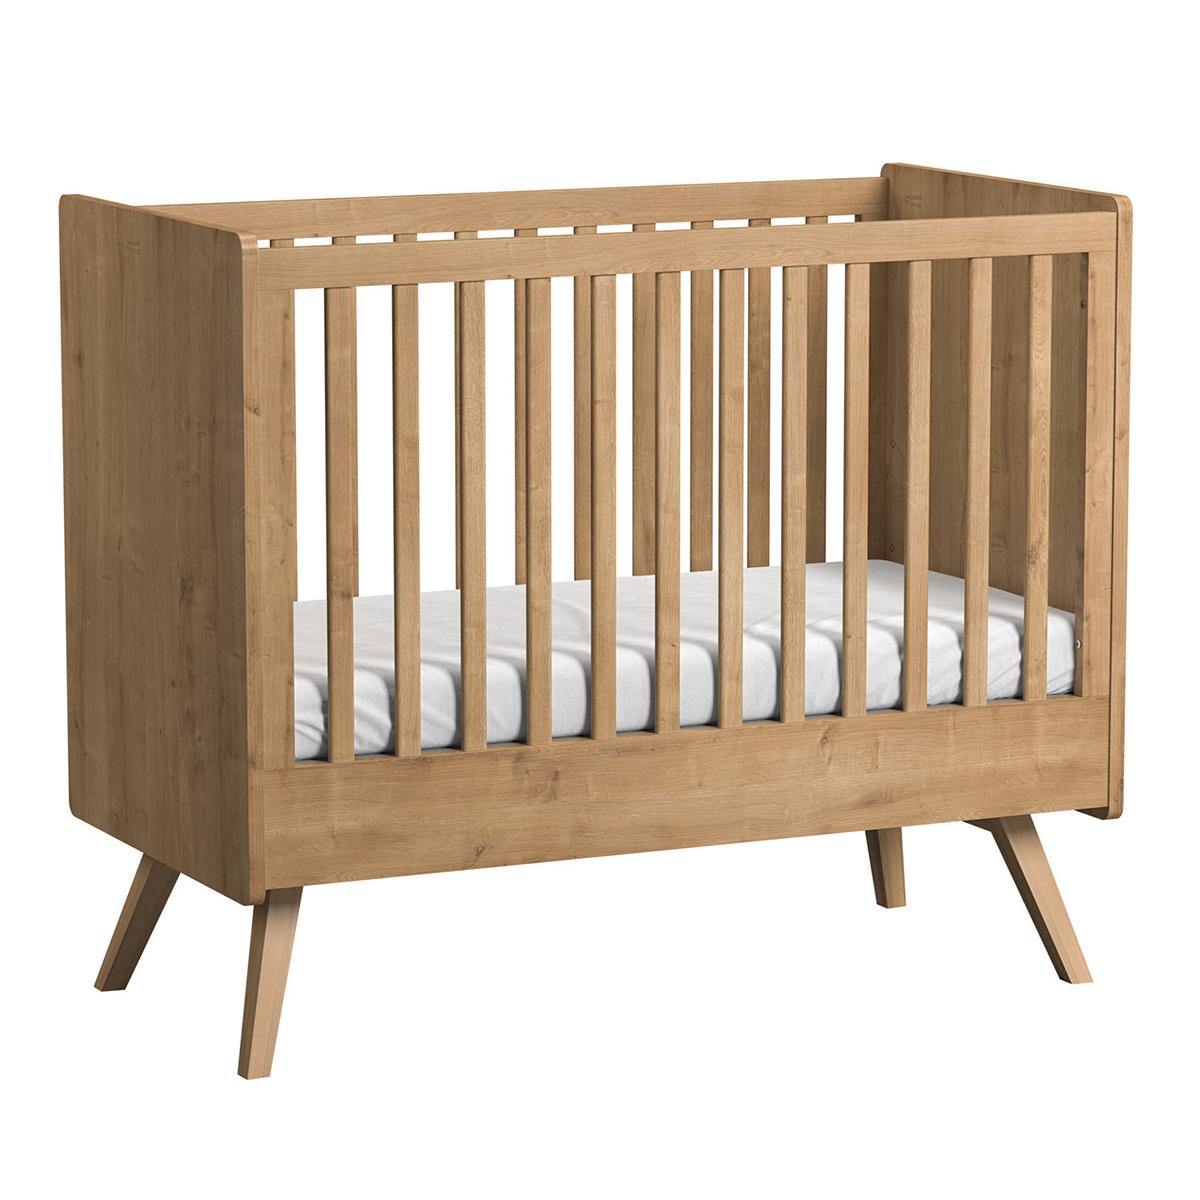 vox meubles lit b b evolutif vintage ch ne 60 x 120 cm lit b b vox meubles sur l 39 armoire. Black Bedroom Furniture Sets. Home Design Ideas